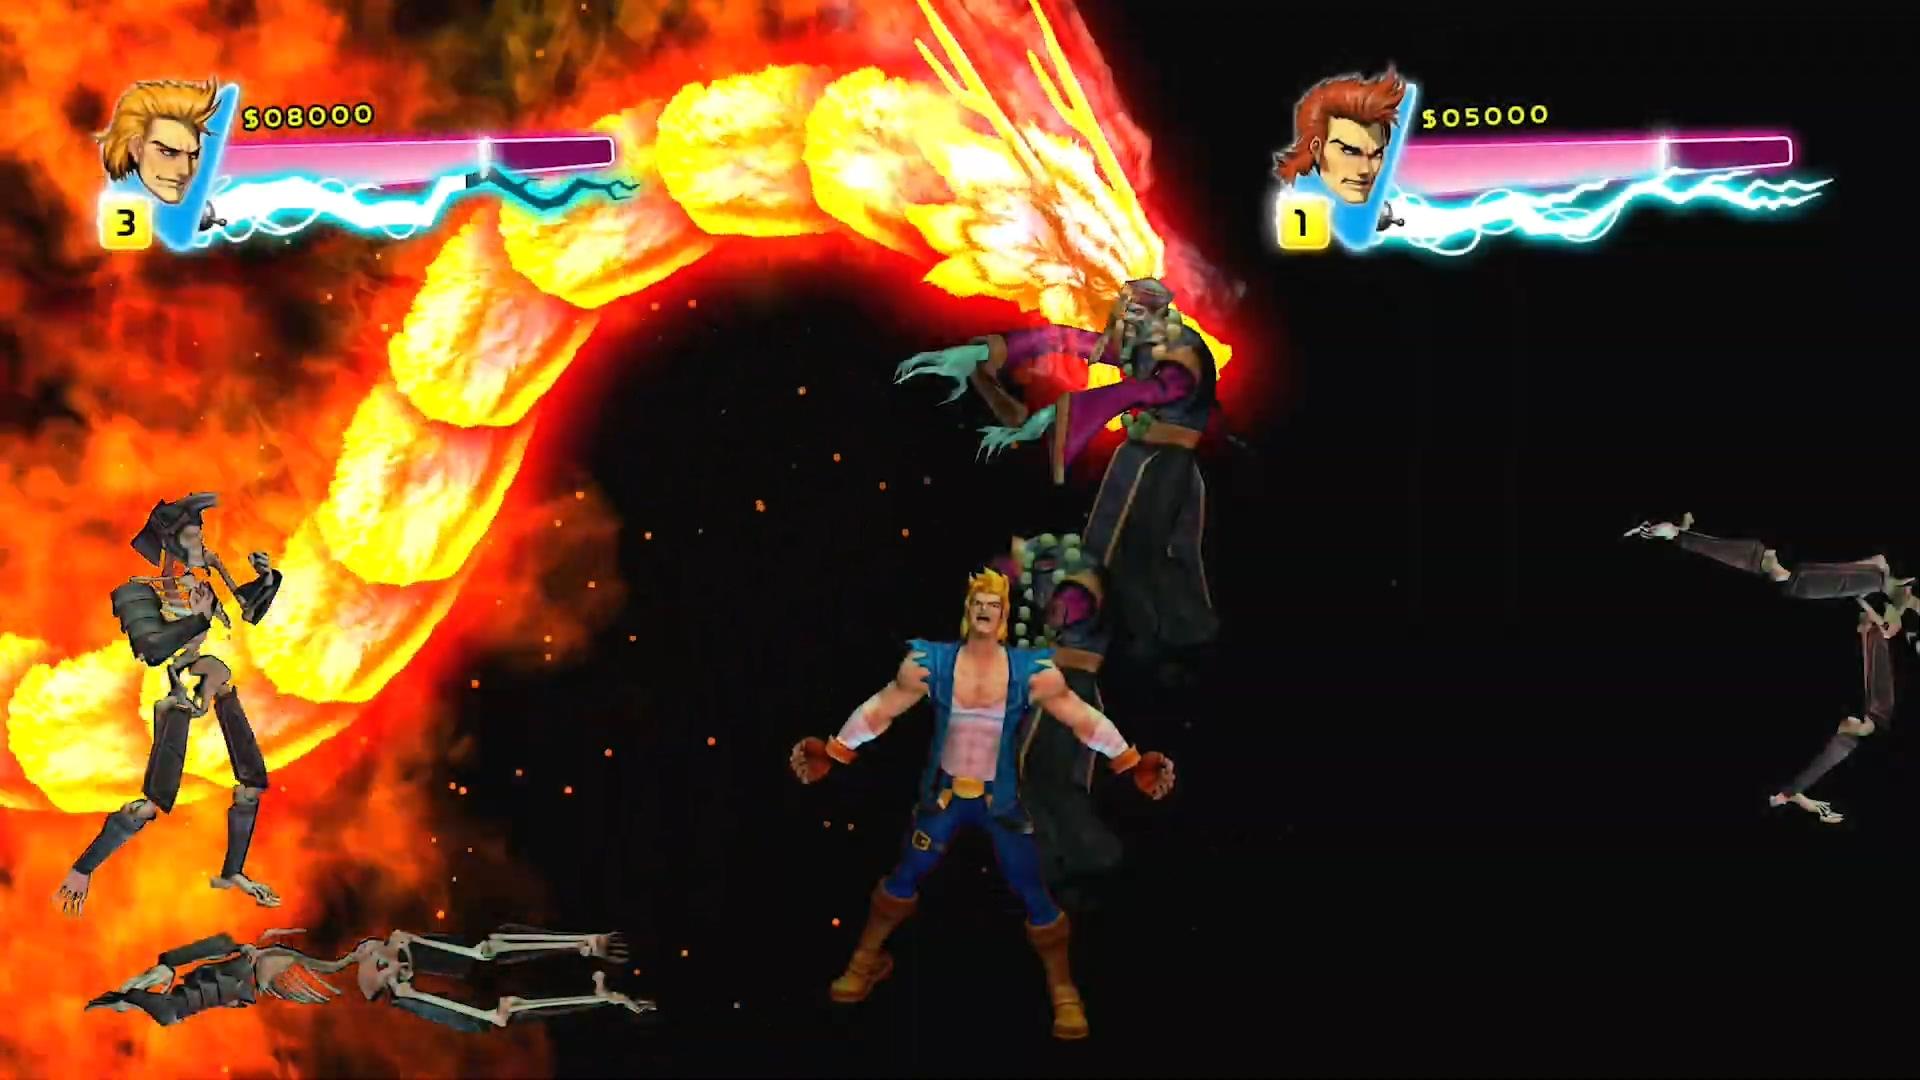 双人闯关重温!《双截龙:彩虹》将于12月21日登陆Switch